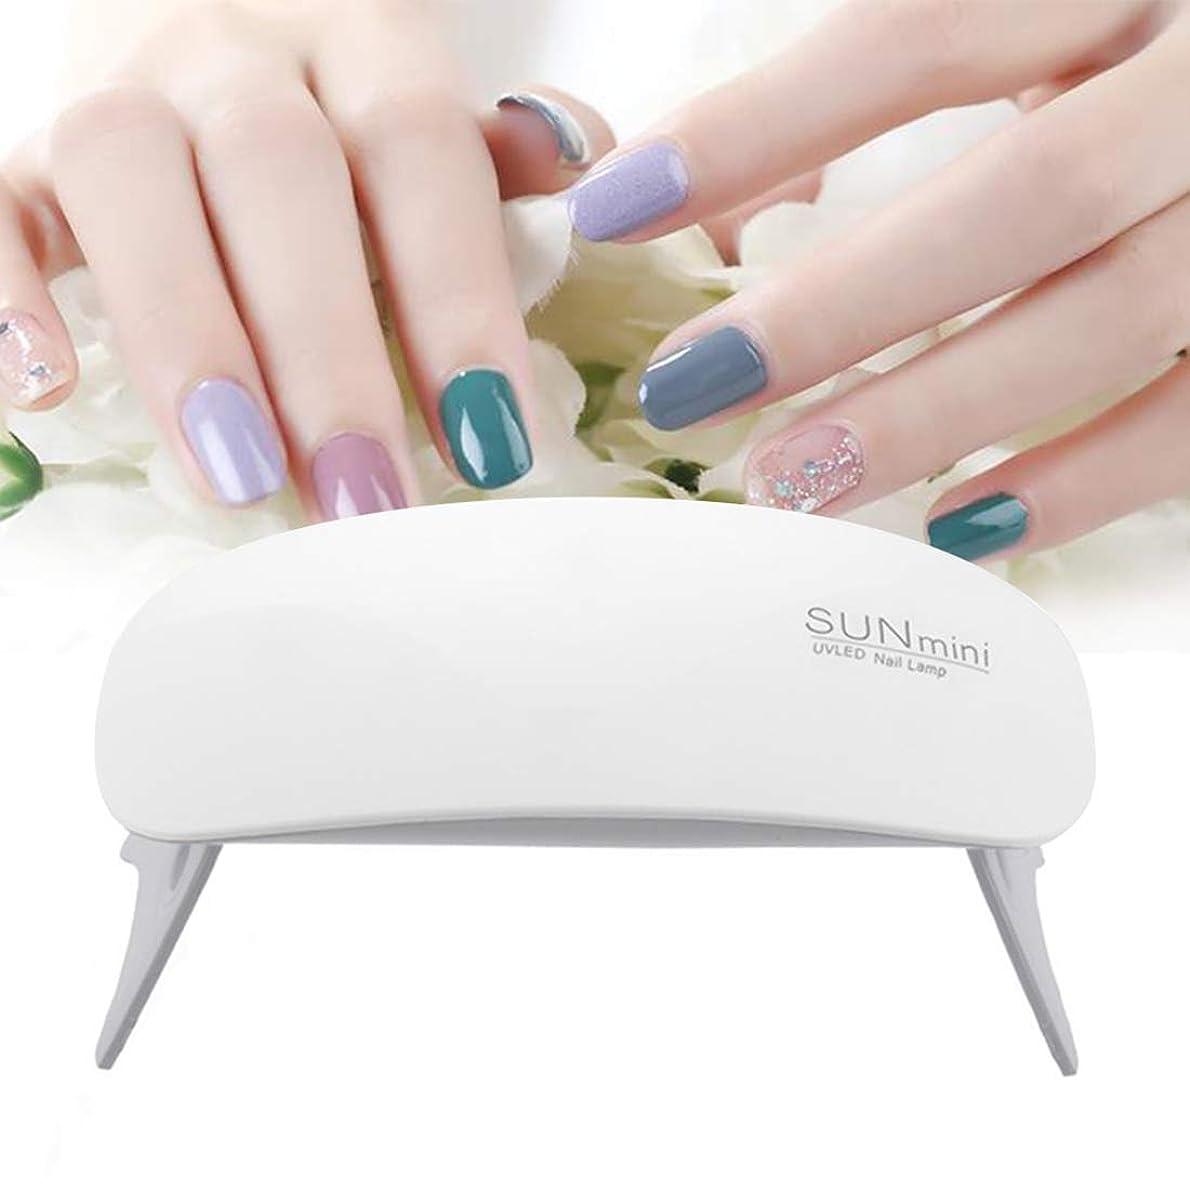 清める無法者世代BFACCIA ミニサイズ UV と LEDダブルライト ネイルランプ 乾燥用速乾性折りたたみ式 タイマー設定可能 (ホワイト)